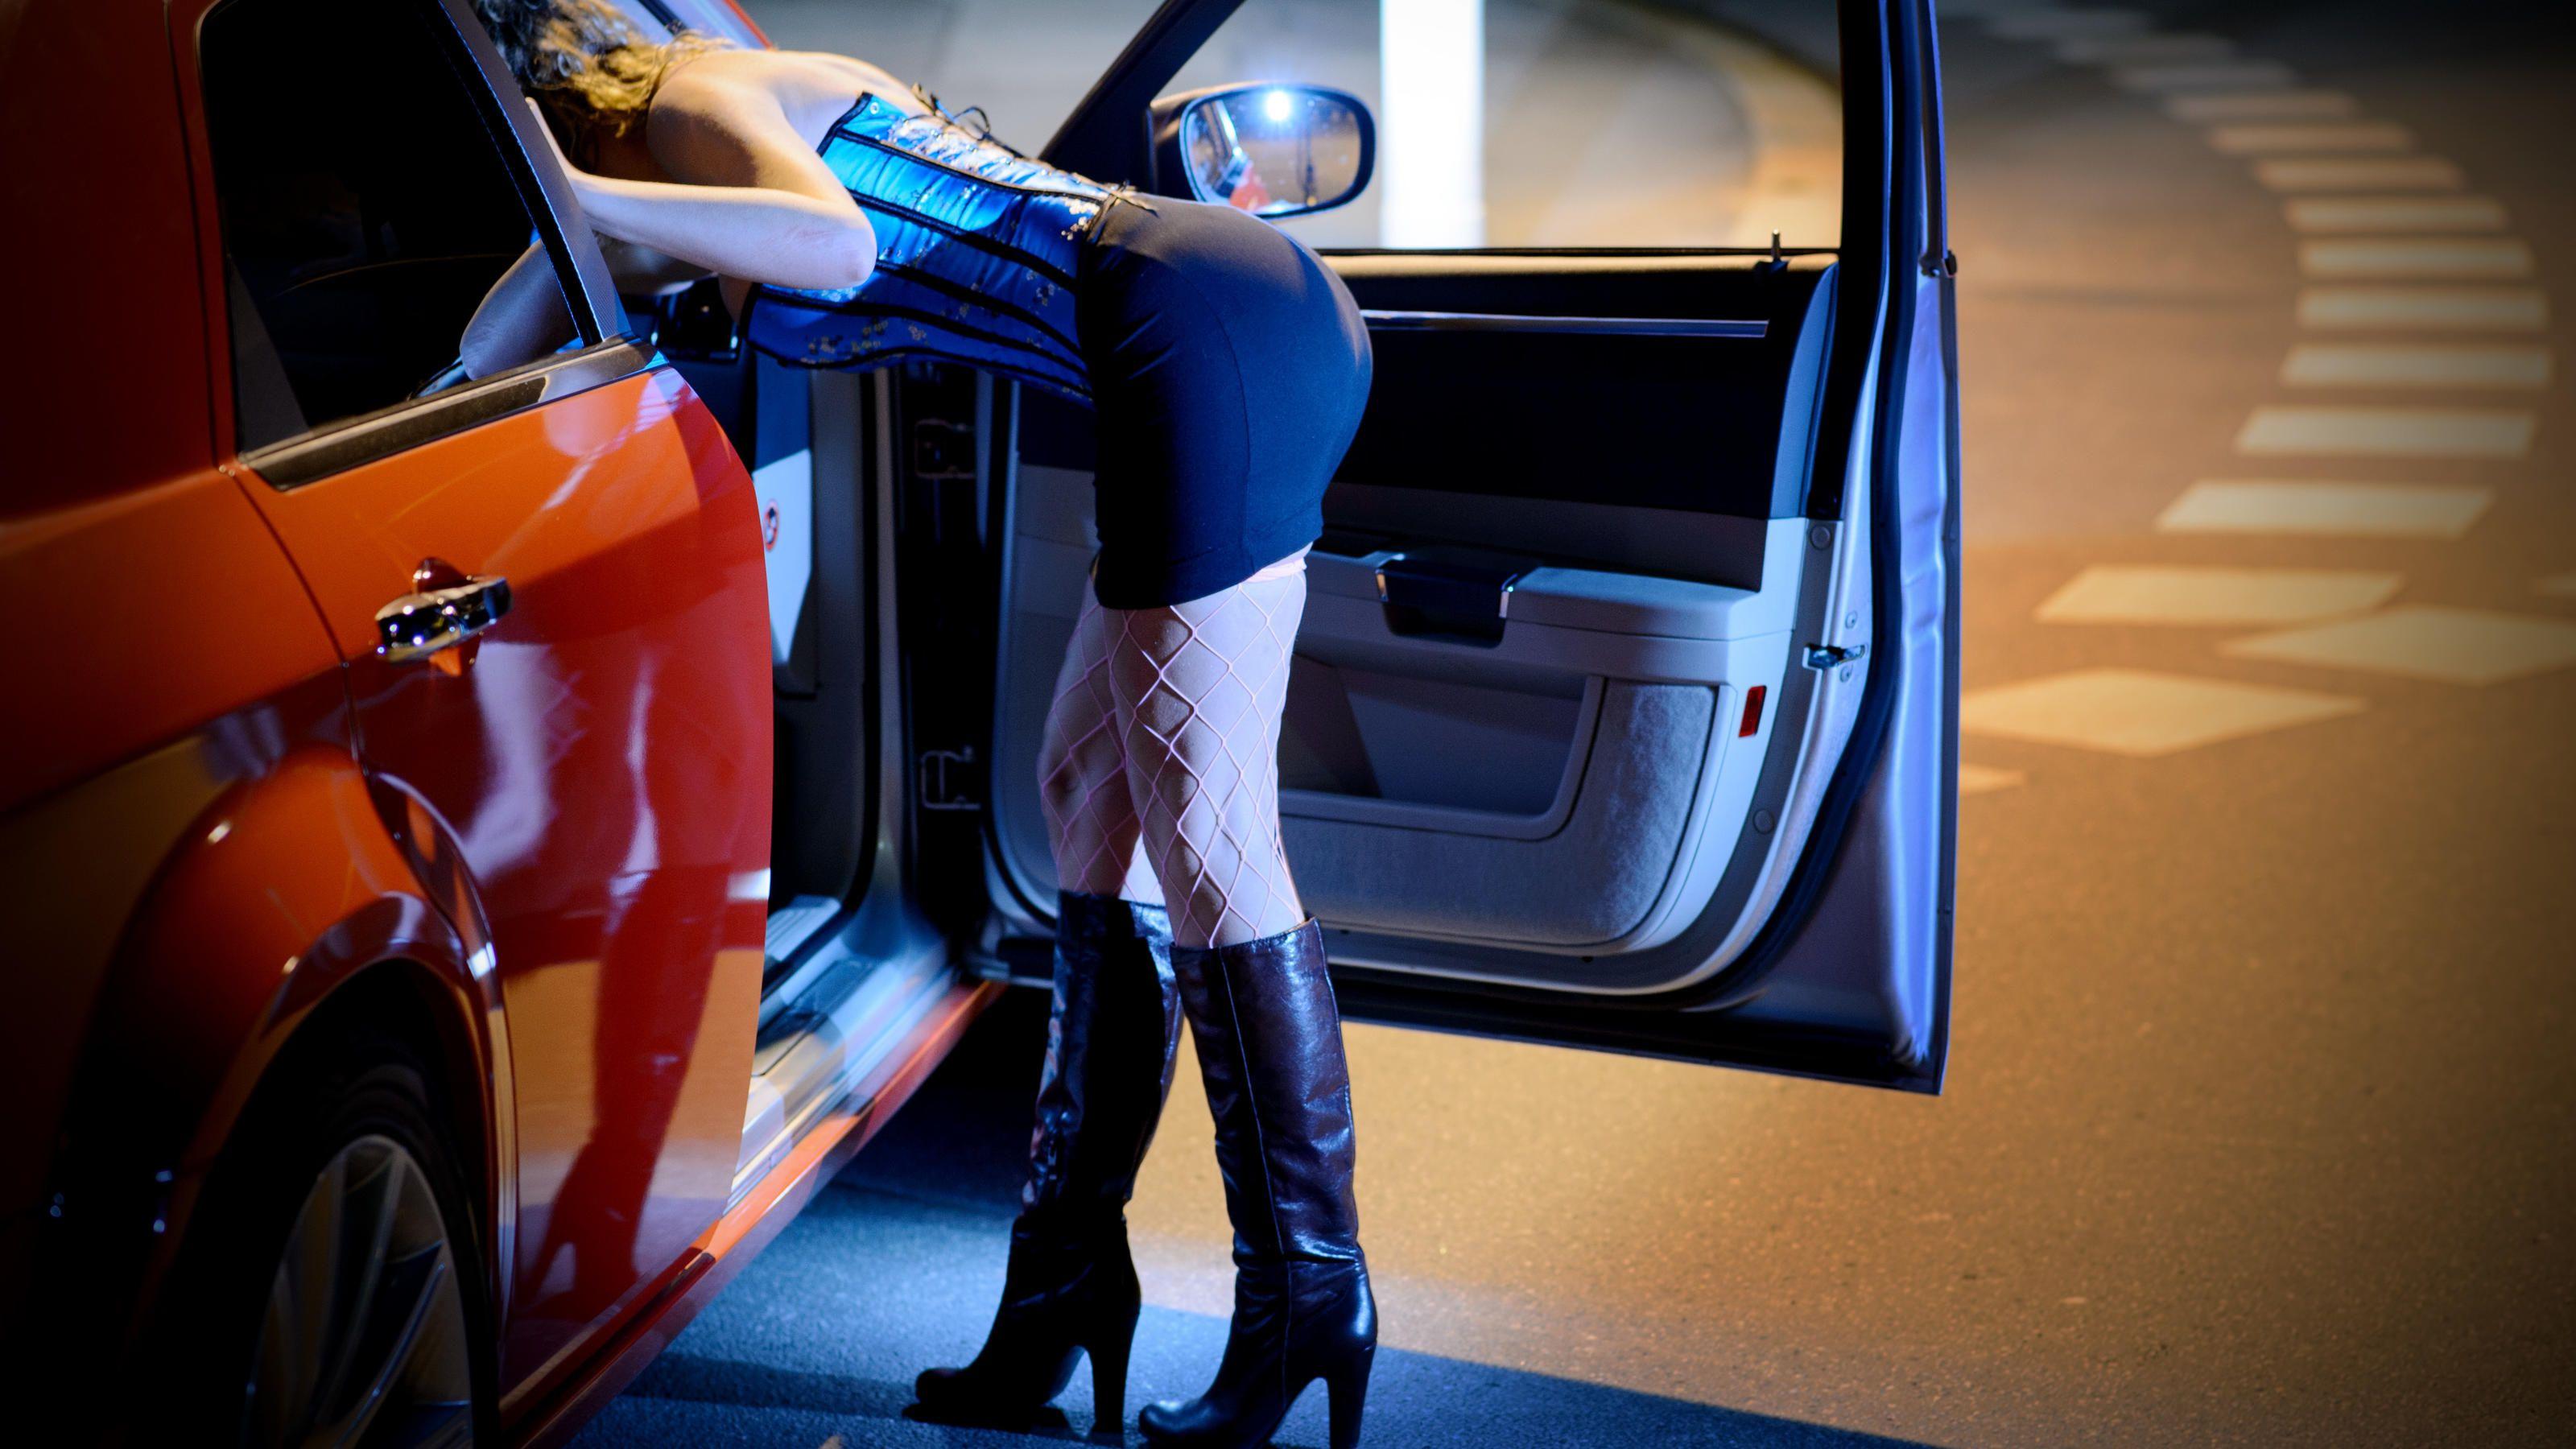 Strasse berlin prostitution oranienburger Oranienburger Strasse